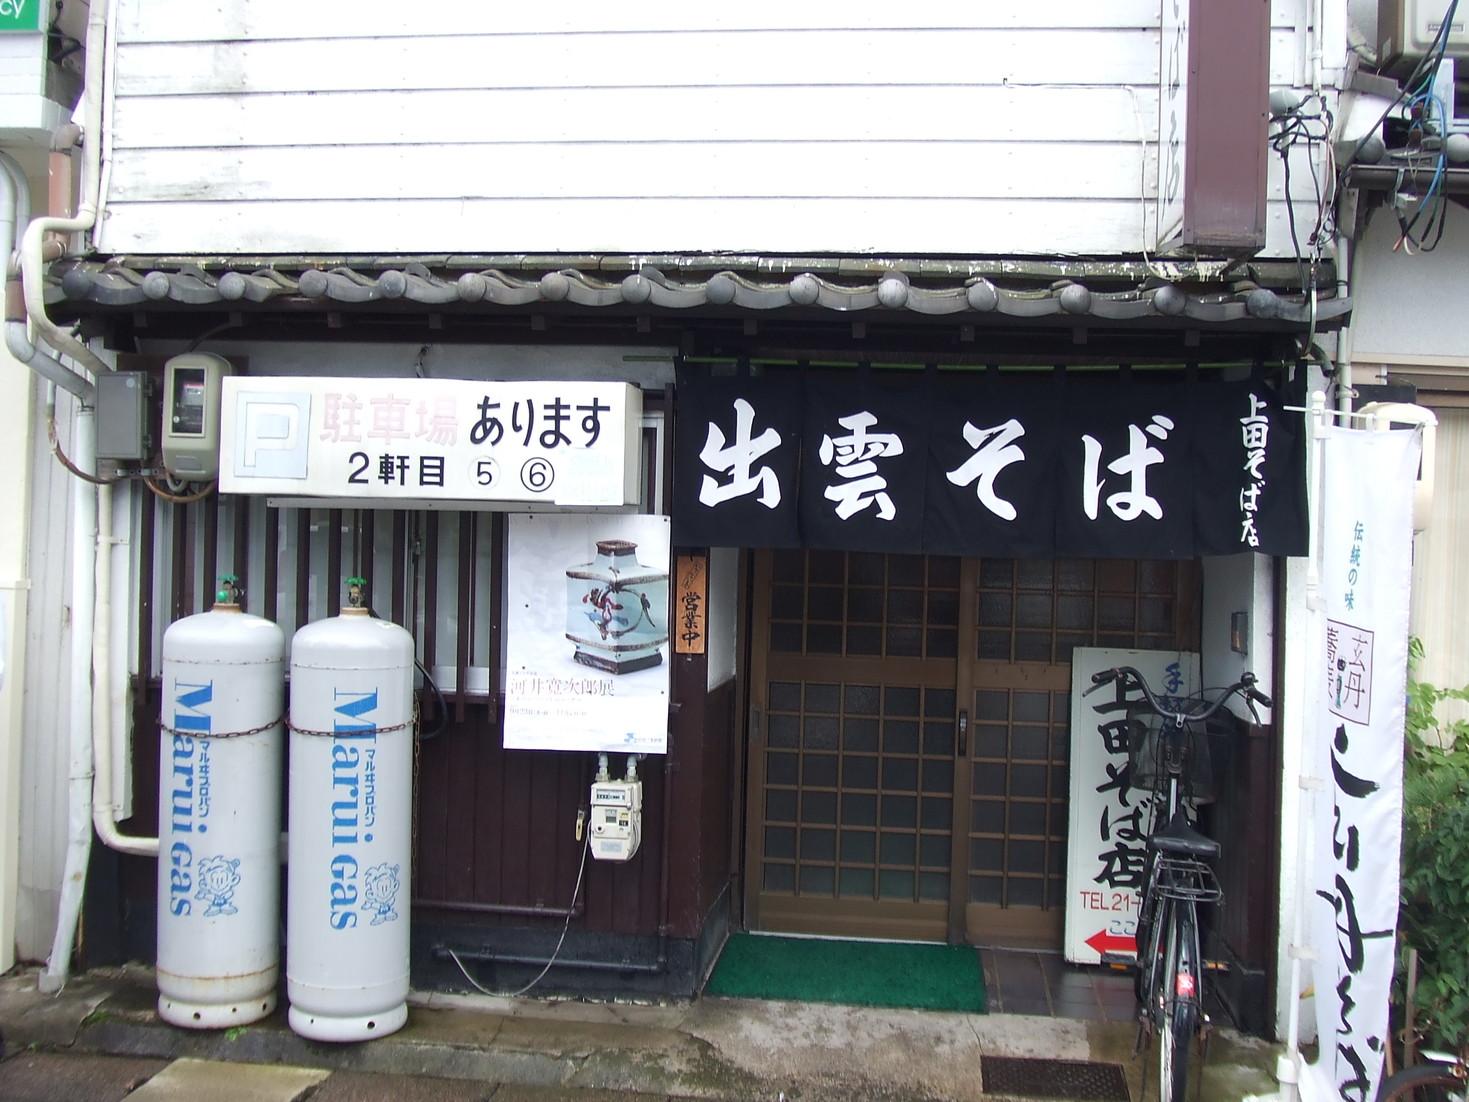 上田そば店